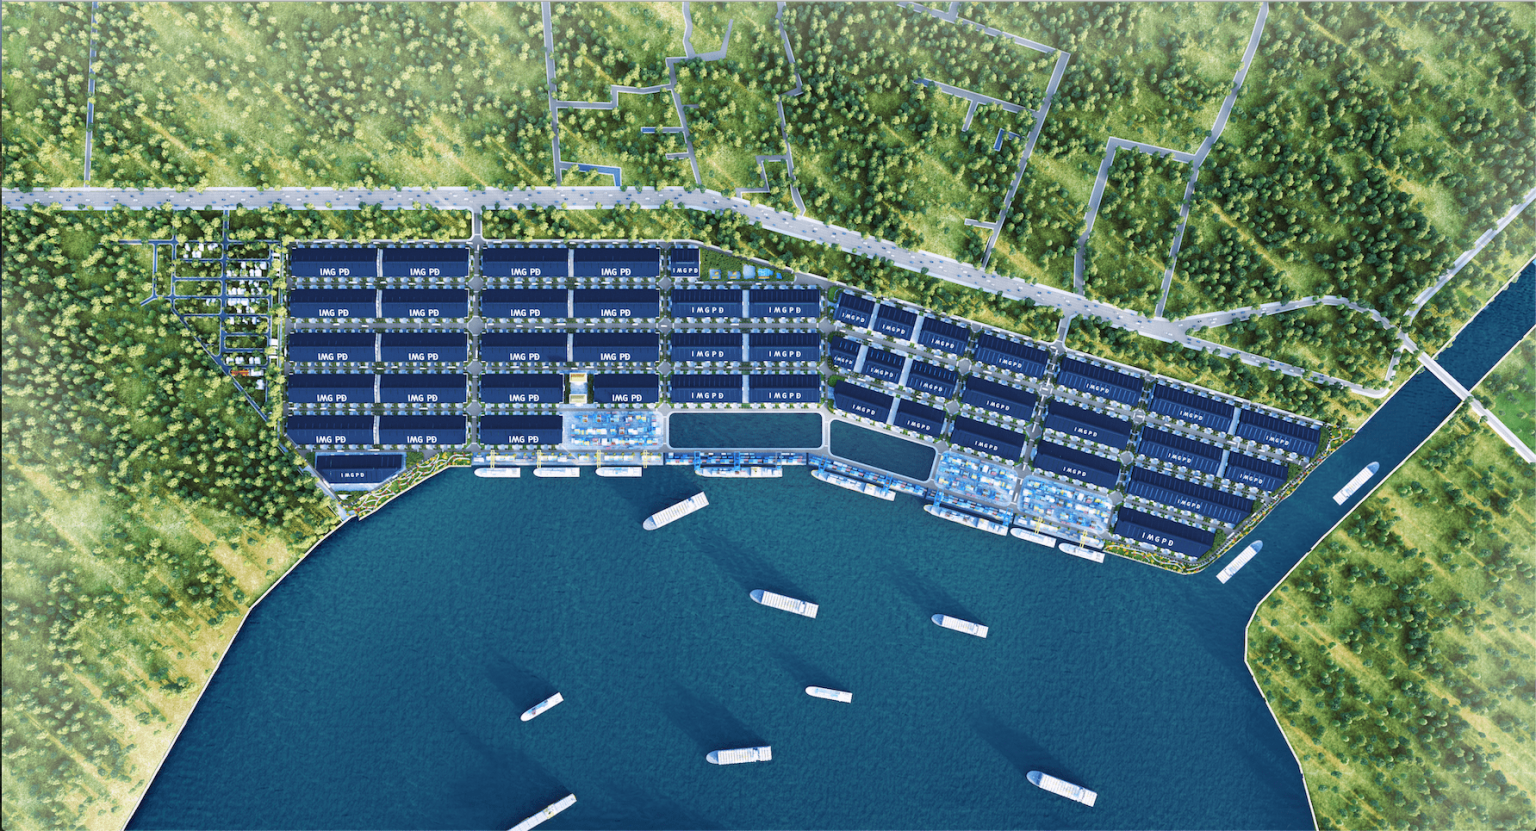 Phước Đông Garden sở hữu vị trí quan trọng và đắc địa ngay tuyến Tránh Quốc lộ 50, Ấp 1, Xã Phước Đông, Thị trấn Cần Đước, khu vực Long An. Khu đô thị Phước Đông Garden được đánh giá là một trong những dự án nhà phố các khu đô thị trọng điểm phía Nam Sài Gòn trong năm 2021. Dự án nhà phố khu vực dân cư Phước Đông được thiết kế thành khu dân cư sang trọng, xứng đáng là nơi dừng chân & an cư tận hưởng được không khí sống trong lành mà đáp ứng được những tiện ích đẳng cấp đẵng cấp phục vụ cuộc sống giới hiện đại. Khu đô thị Phước Đông Garden được xem là miền đất lõi Long mạch, nơi vừa có chợ (thương mại), vừa có nước (phong thủy) nên mang lại may mắn, an lạc cho người ở, thịnh vượng cho người buôn bán. Sỡ hữu Pháp Lý đảm bảo an ninh, và được quy hoạch quy mô về hạ tầng, cùng với sở hữu vị trí đắc địa vô cùng đắc địa và dự án đất nền ra đời trong bối cảnh thị trường đất nền đang khan hiếm các sản phẩm từ chủ đầu tư sản phẩm có diện tích vừa phải và giá hợp lý như khu vực dân cư Phước Đông. Vị trí đắc địa tại khu đô thị Phước Đông Garden Cầu khu vực cảng khu đô thị Phước Đông Garden Mặt tiền cung đường Quốc Lộ 50 liên kết đại lộ Nguyễn Văn Linh, cách trung tâm Sài Gòn chỉ 30 phút. Vị trí khu đô thị Phước Đông Garden – Nằm trên mặt tiền cung đường QL 50 đang quy hoạch 60m duy trì kết nối Nguyễn Văn Linh TP. HCM, KCN Tân Kim, trung tâm thị trấn Cần Đước và các tỉnh Tây Nam Bộ. – Nằm trên trục cung đường buôn bán tứ giác 4 KCN: KCN Tân Kim, KCN Cầu khu vực cảng Phước Đông, KCN Cầu Tràm, KCN Thuận Đạo. – Liền kề đường Vành đai 4 đang đồng bộ trong năm 2019. – Nằm kế bên huyện Bình Chánh, về trung tâm TP chỉ mất 15p với cung đường QL50 và TL826, tuyến metro số 5A đang được khởi công vào tháng 9/2021 – Dự án toạ lạc tiếp giáp kinh doanh dân cư sầm uất lõi thị trấn Cần Đước. Ngoài ra, khu đô thị còn nằm giữa các đô thị đang phát triển sầm uất gồm: Thành phố Tân An, TT. Bến Lức, đô thị khu công nghiệp hiện đại Vàm Cỏ, và nhiều dự án công nghiệp – công nghệ cao như khu công nghiệ